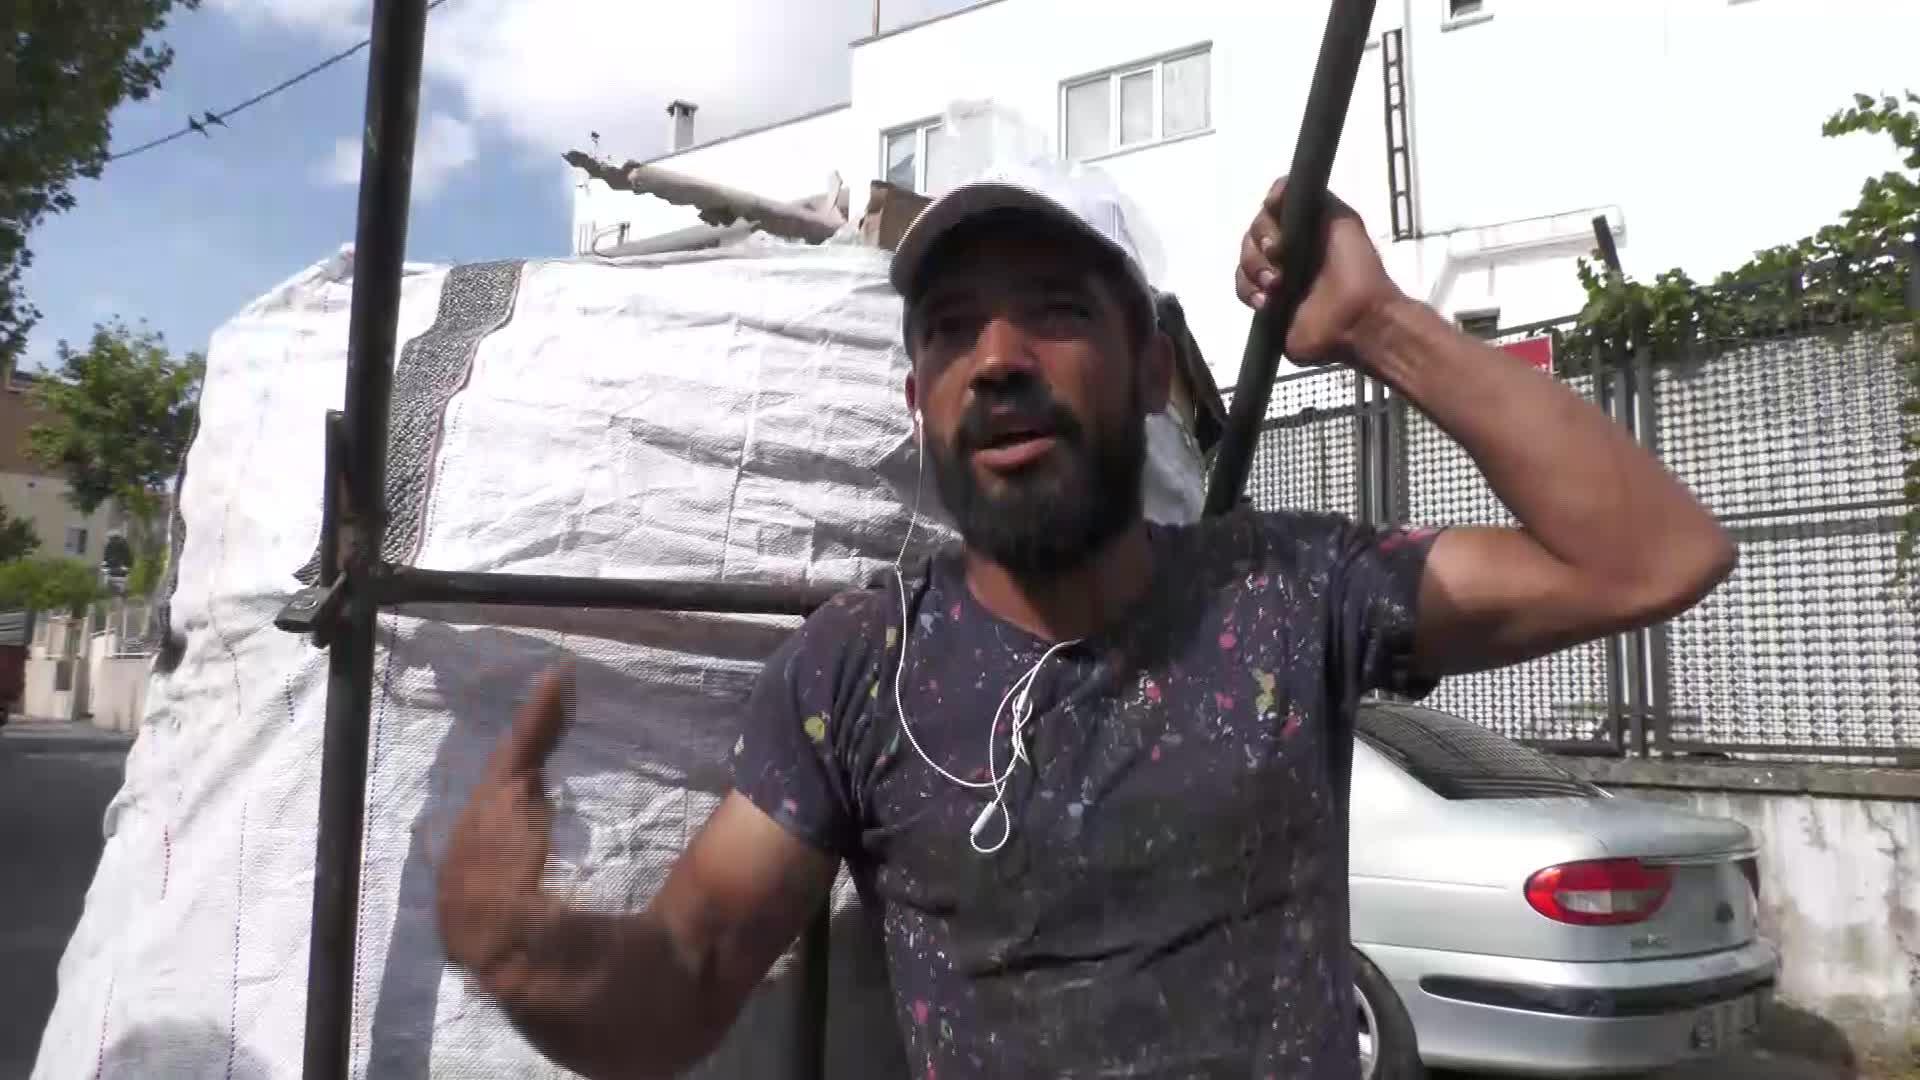 Kağıt Toplayıcıları Depo Baskınlarına karşı basın açıklaması gerçekleştirdi